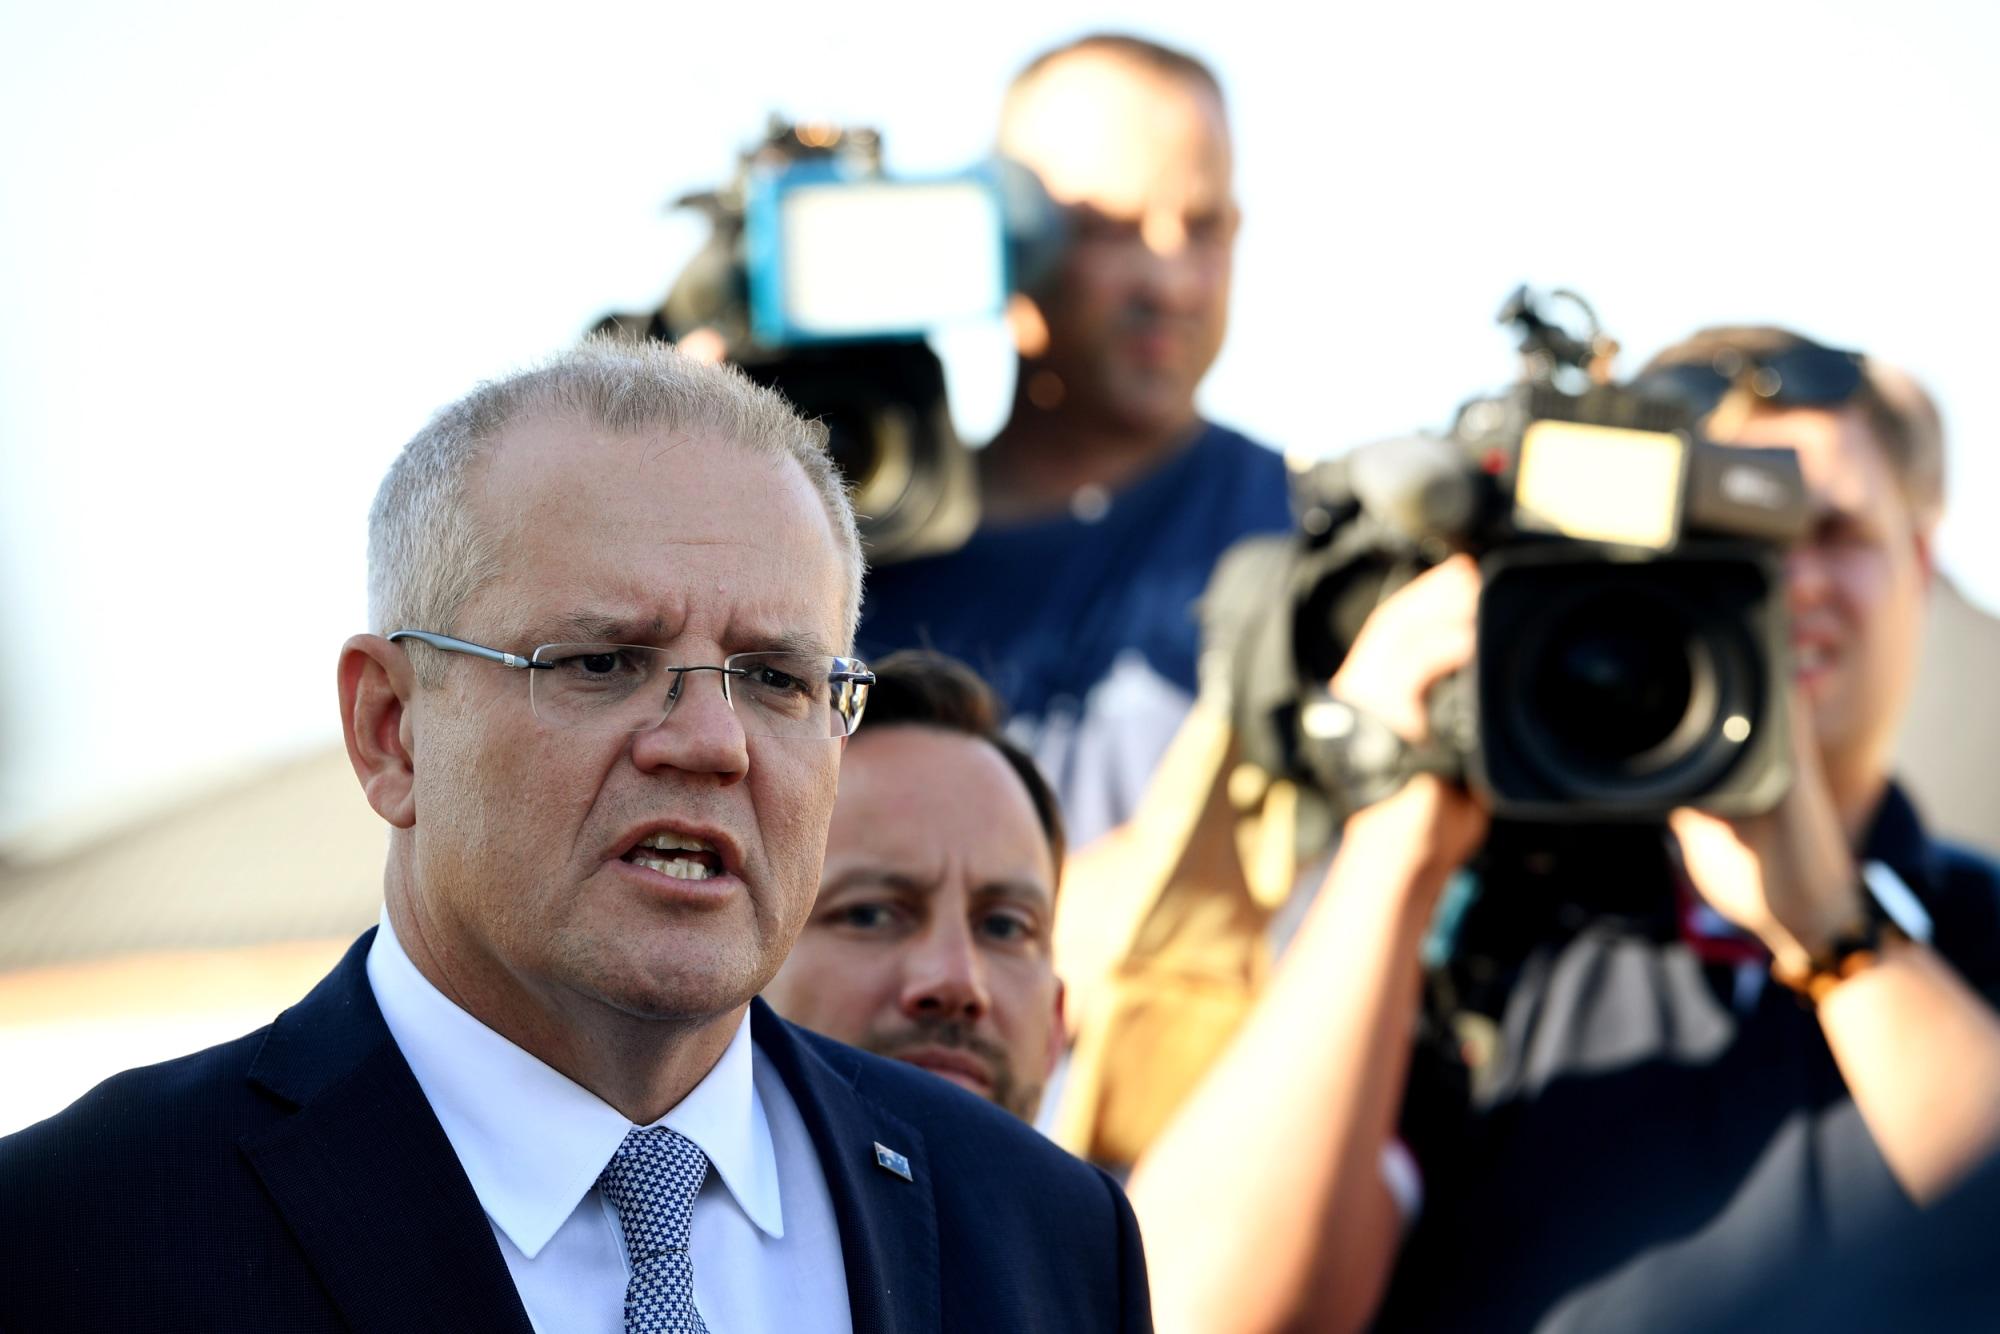 Image: Australian Prime Minister Scott Morrison speaks to the media in Perth on May 13, 2019.